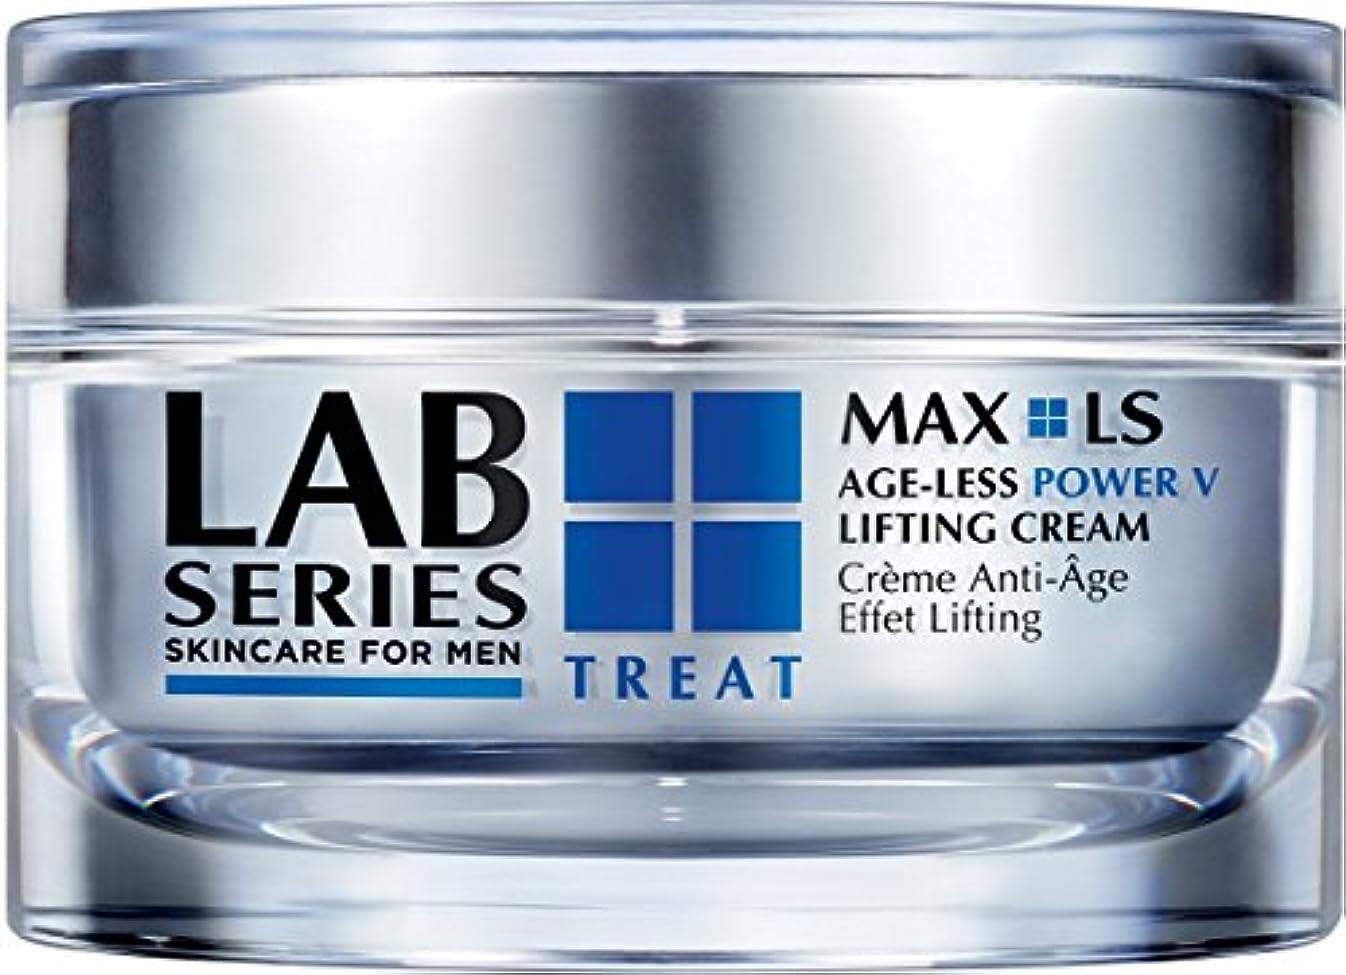 つまずく試してみるアンソロジーラボシリーズ (LAB SERIES) マックス LS V クリーム 50mL